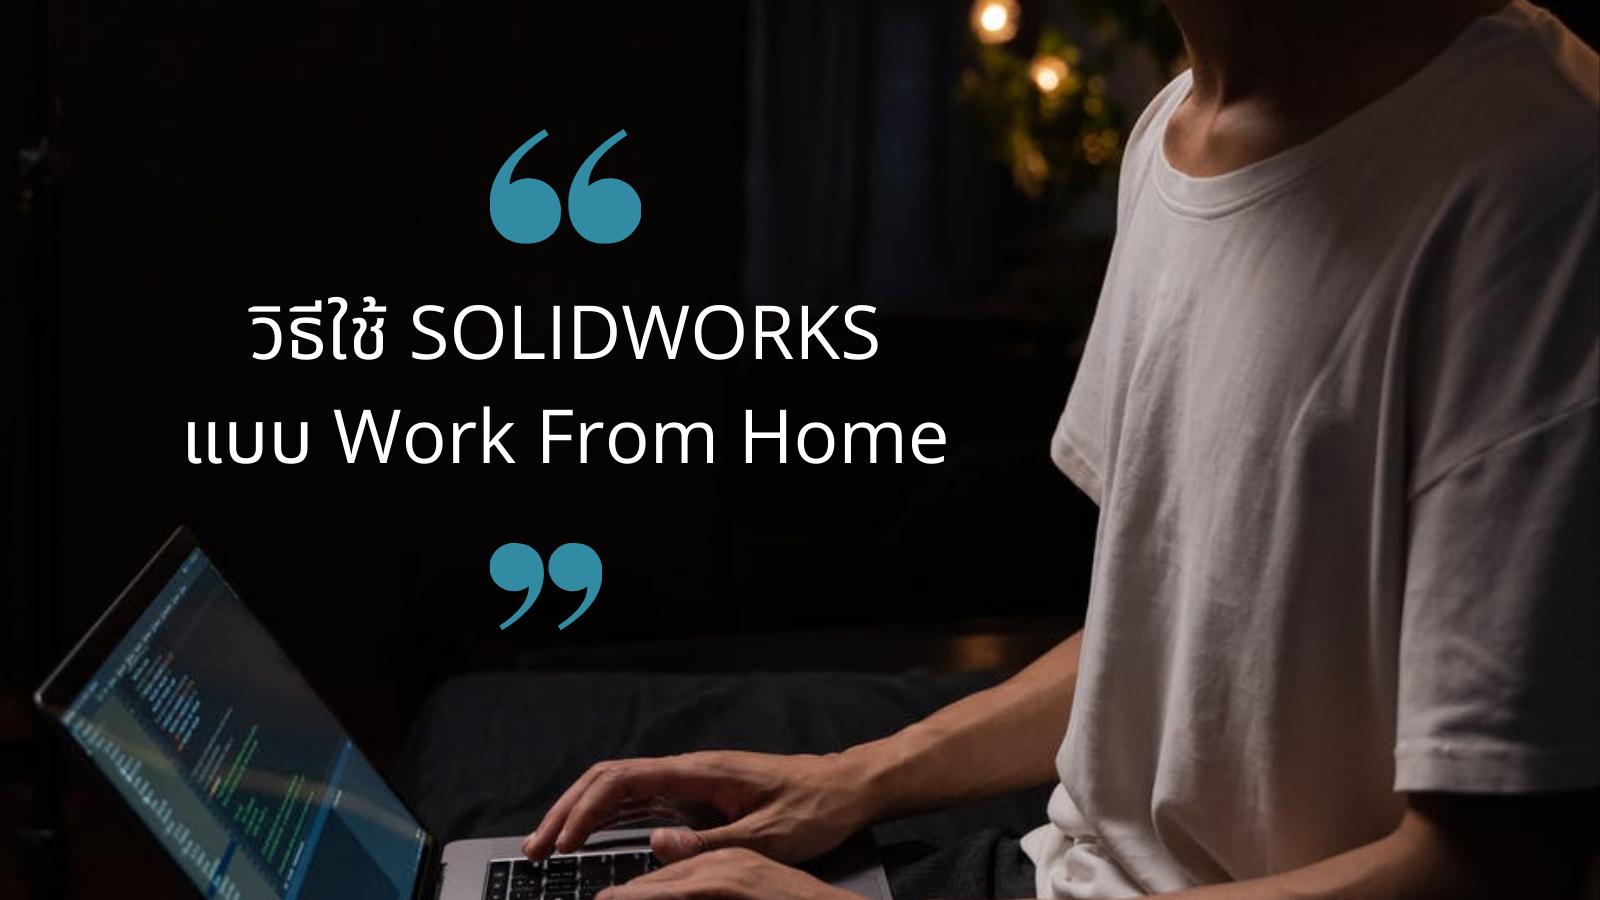 แนะนำวิธีการใช้ SOLIDWORKS ทำงานที่บ้าน #WorkFromHome 1